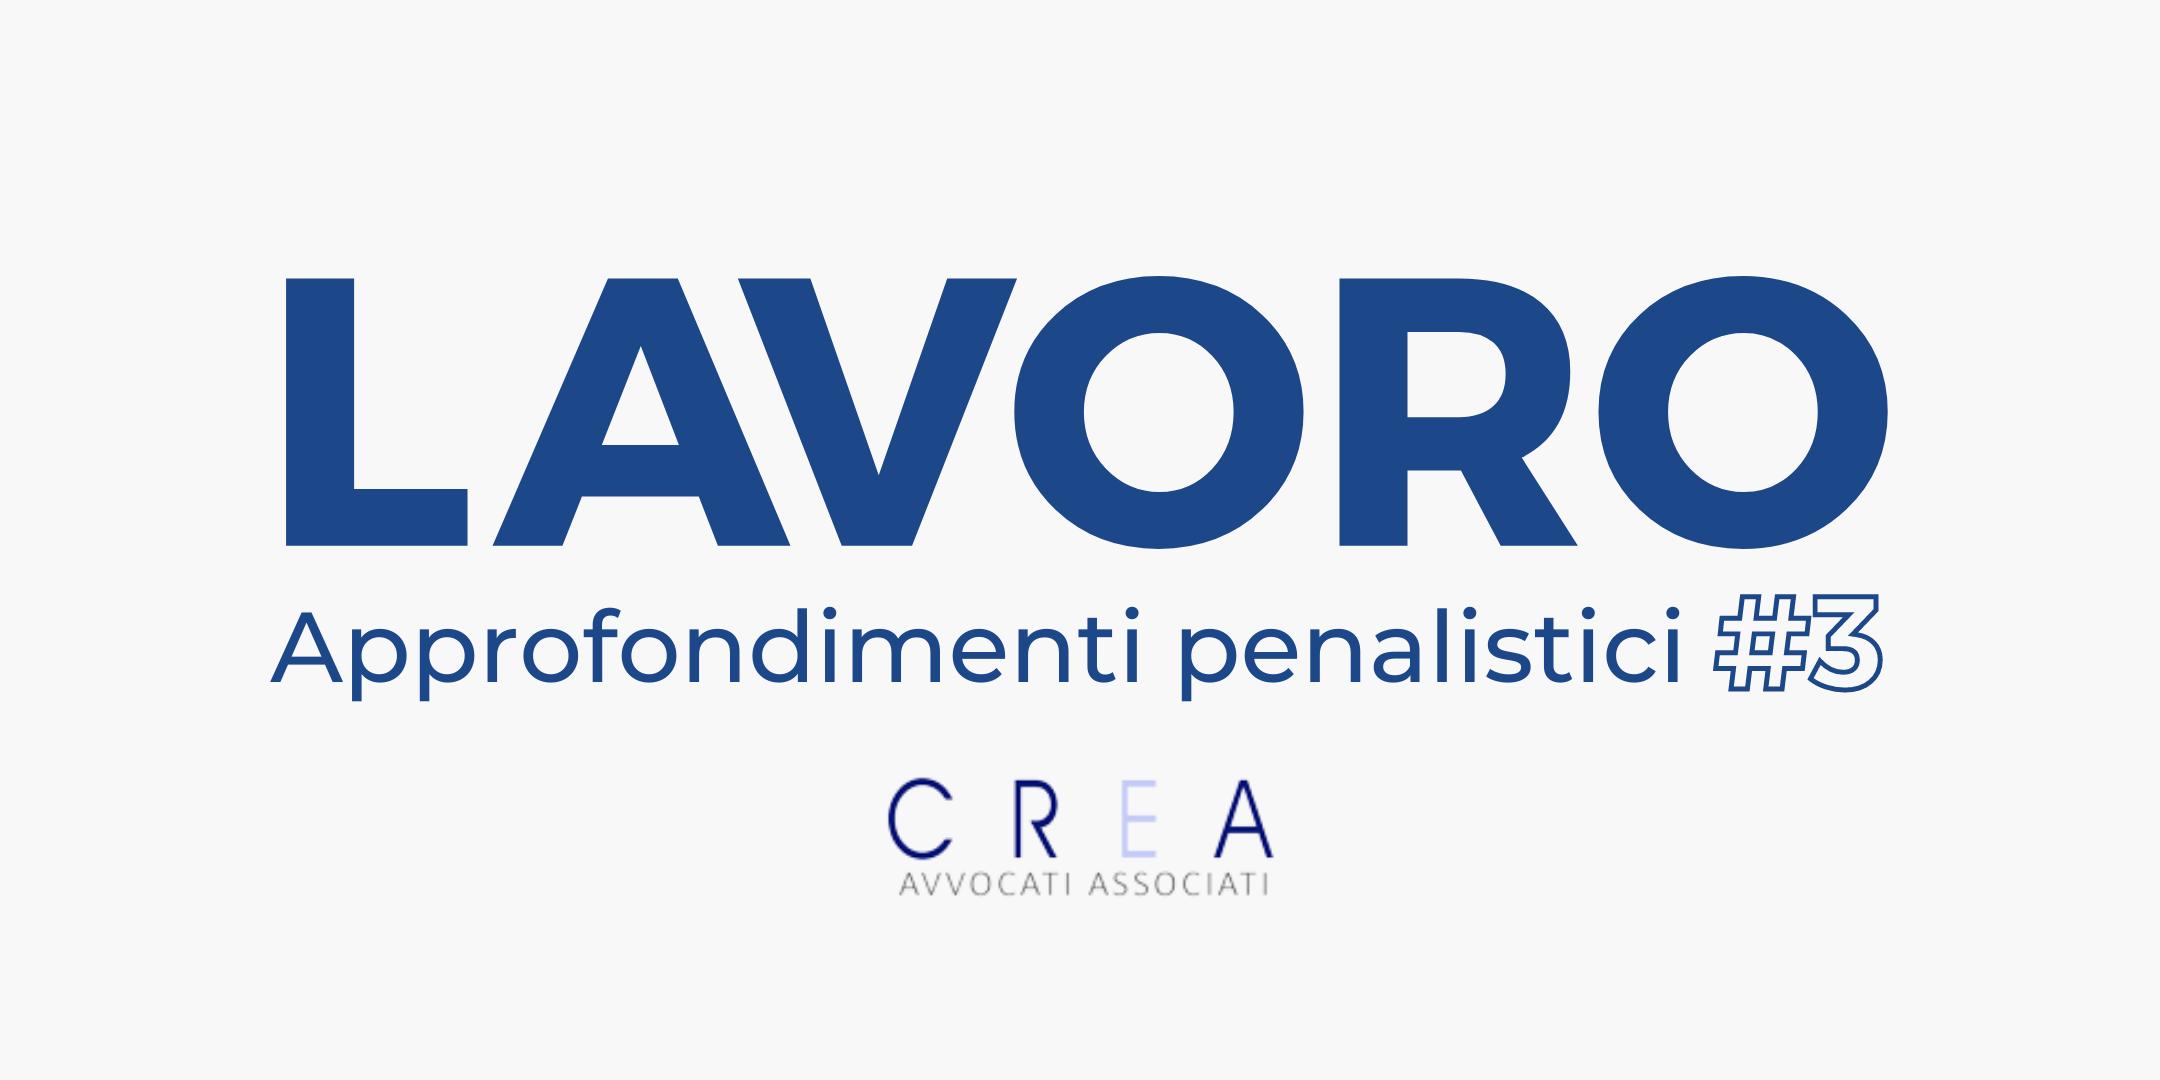 Infortuni mortali: l'evoluzione giurisprudenziale   Approfondimento penalistico #3